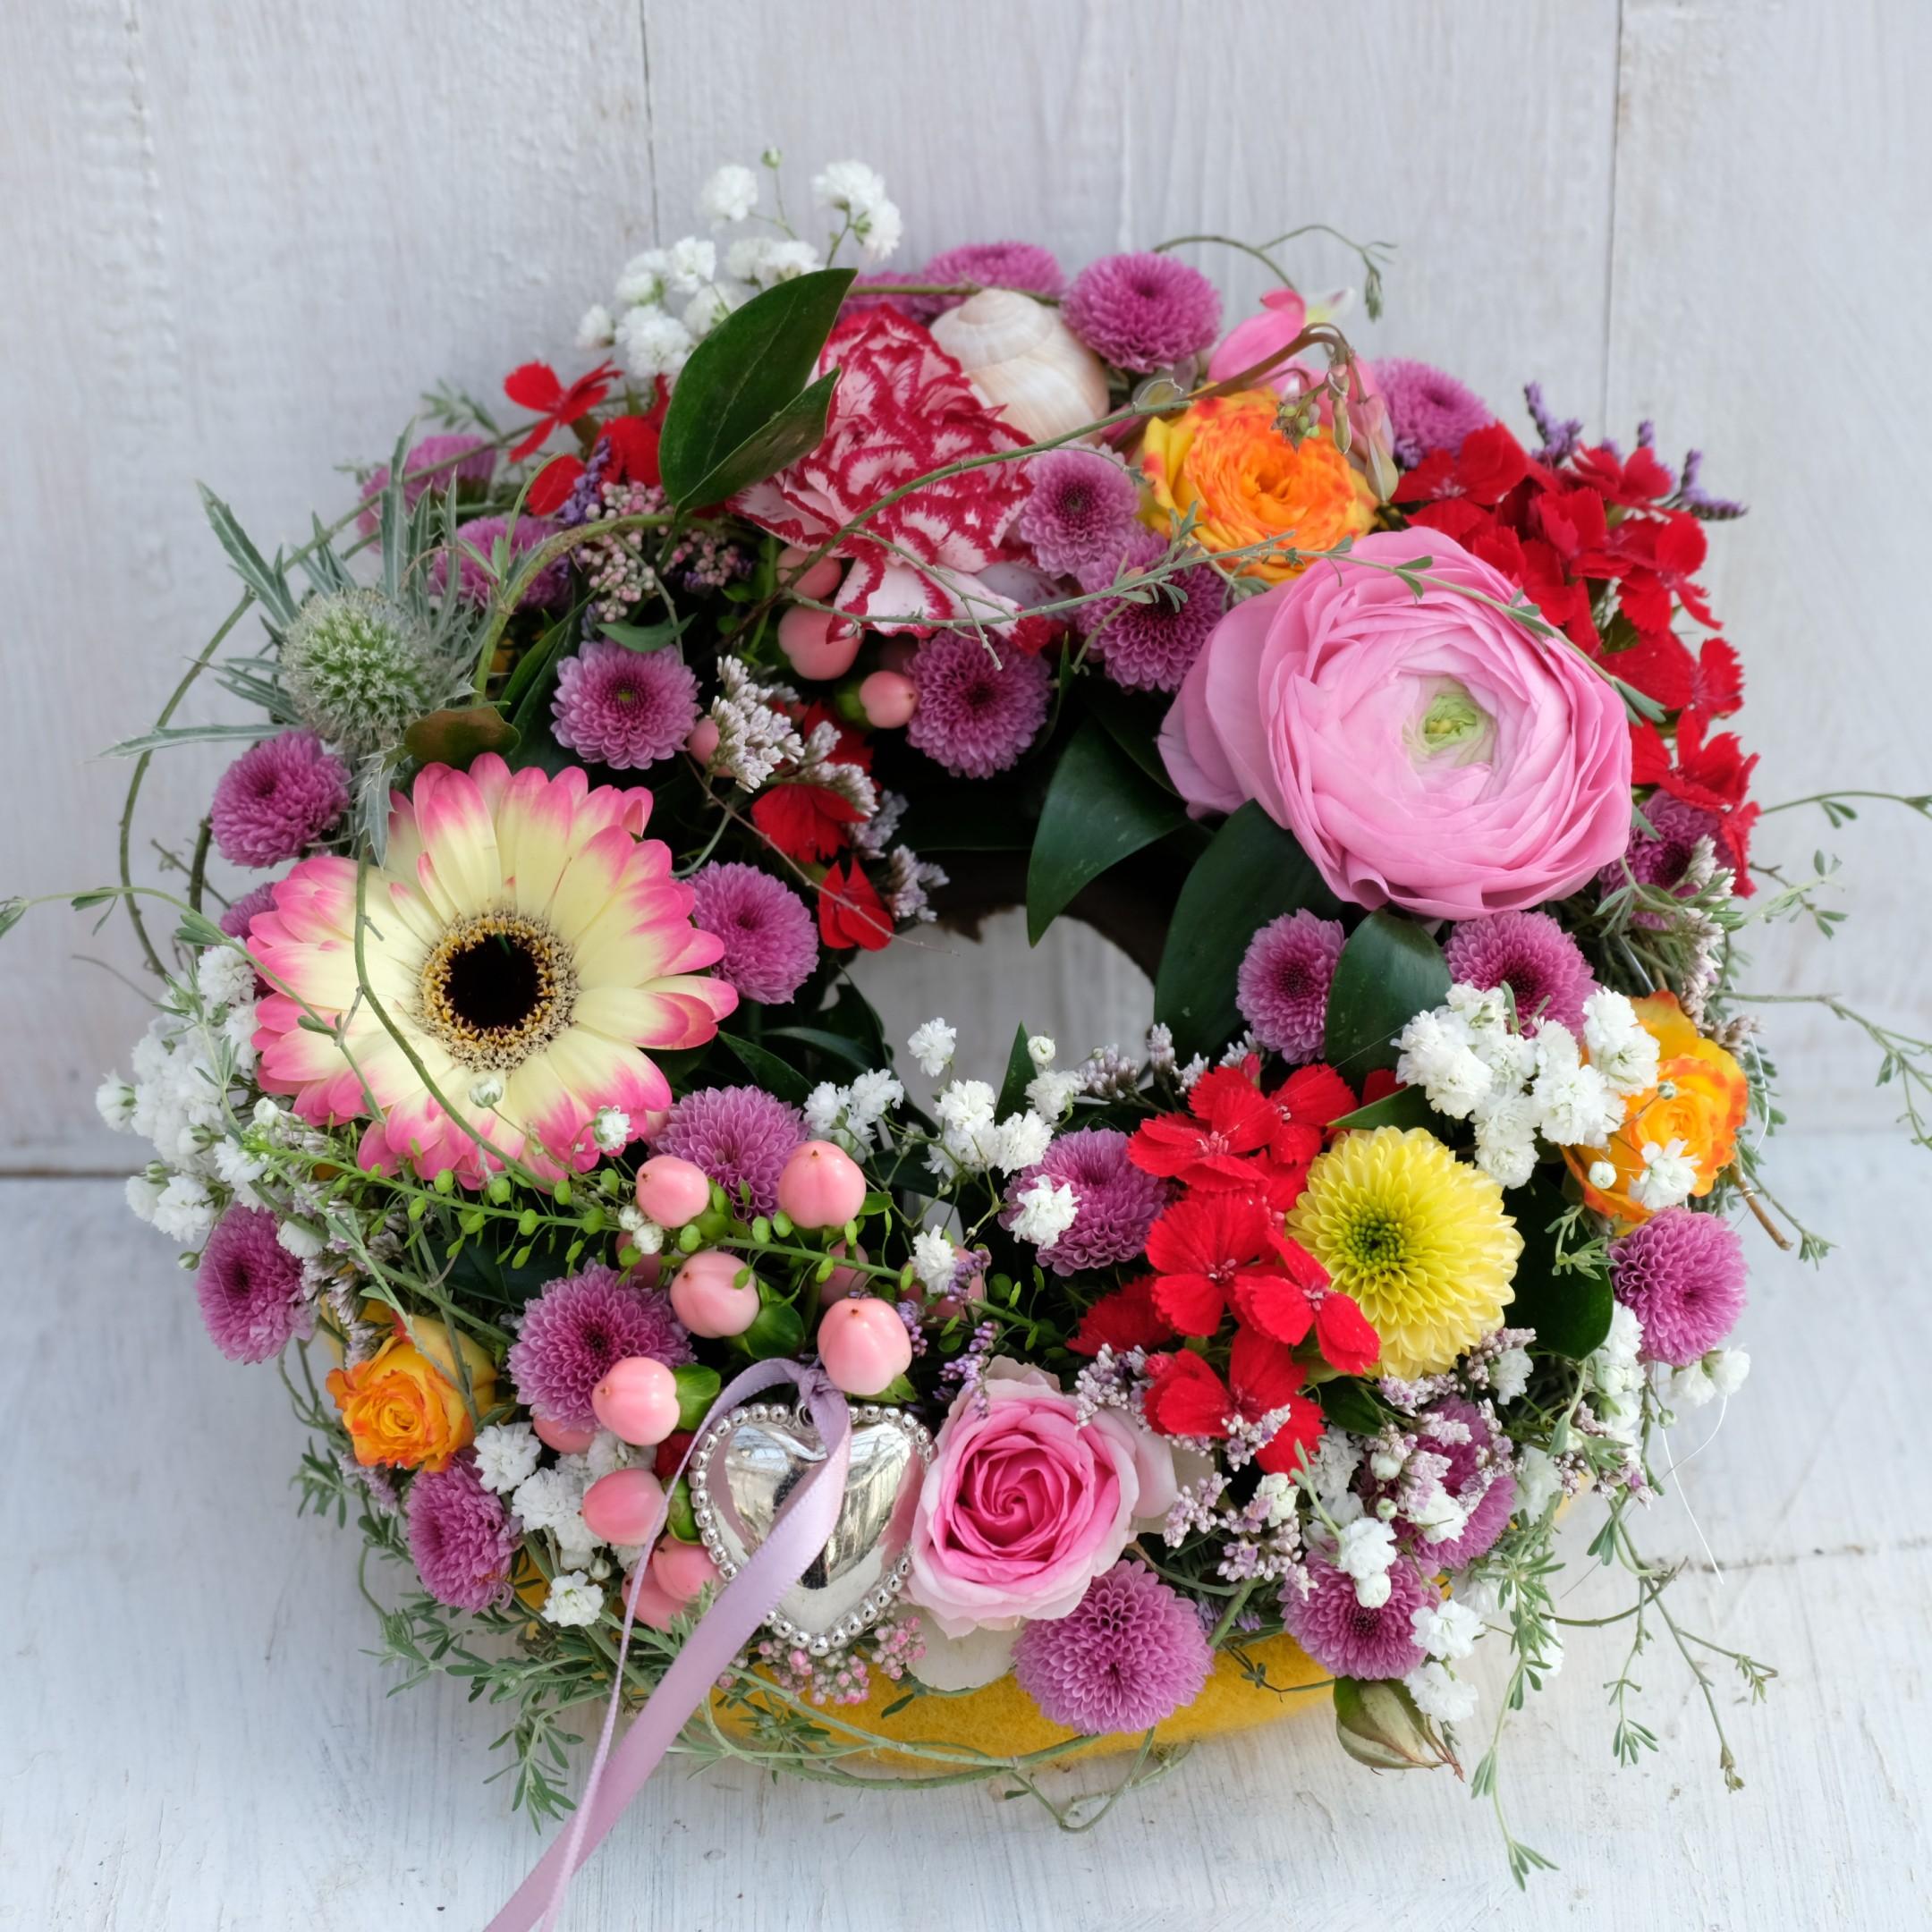 Blumenkranz Bild 1